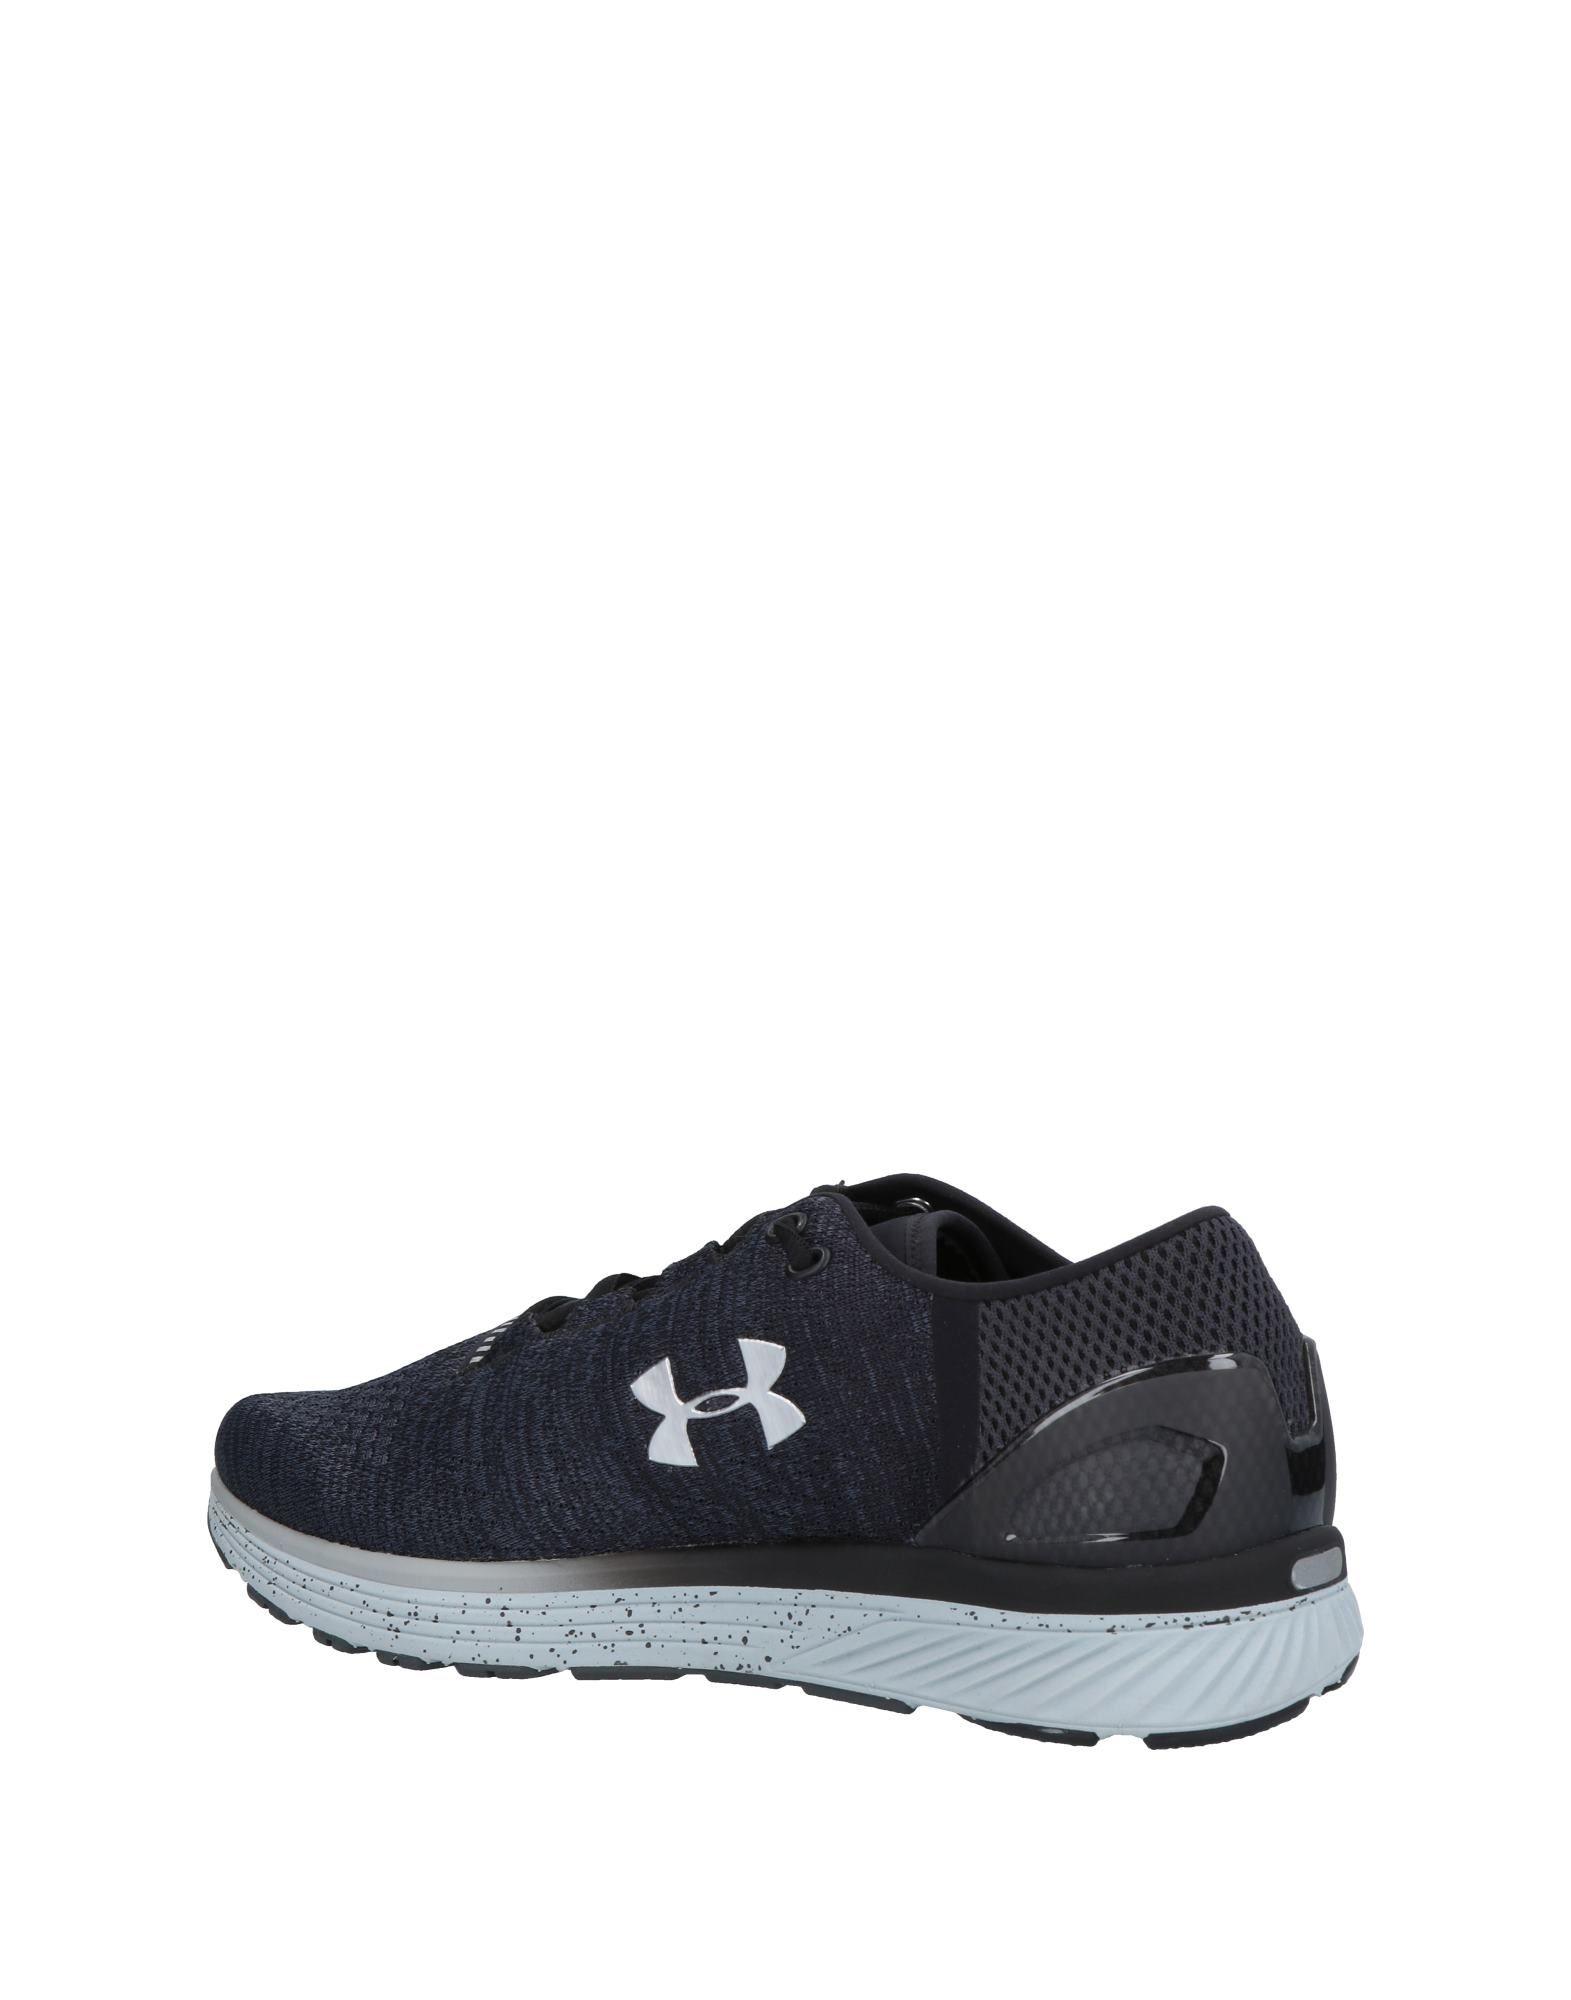 Rabatt echte Herren Schuhe Under Armour Sneakers Herren echte  11468061CQ 2cb318